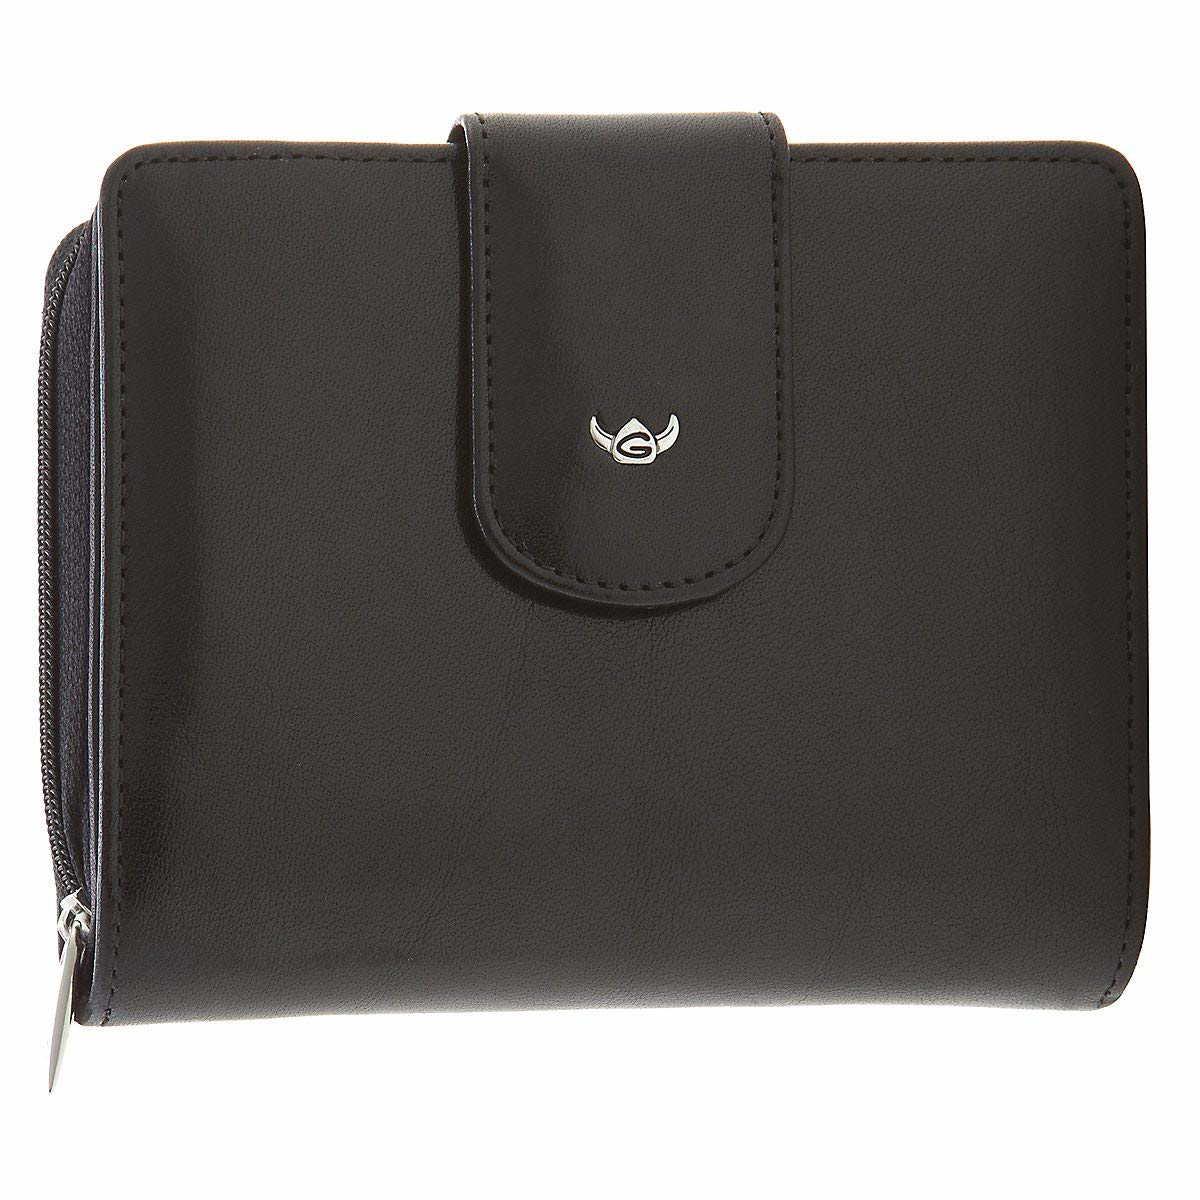 Golden Head Handtaschen Taschen 3331-05-8 Schwarz uHAbv